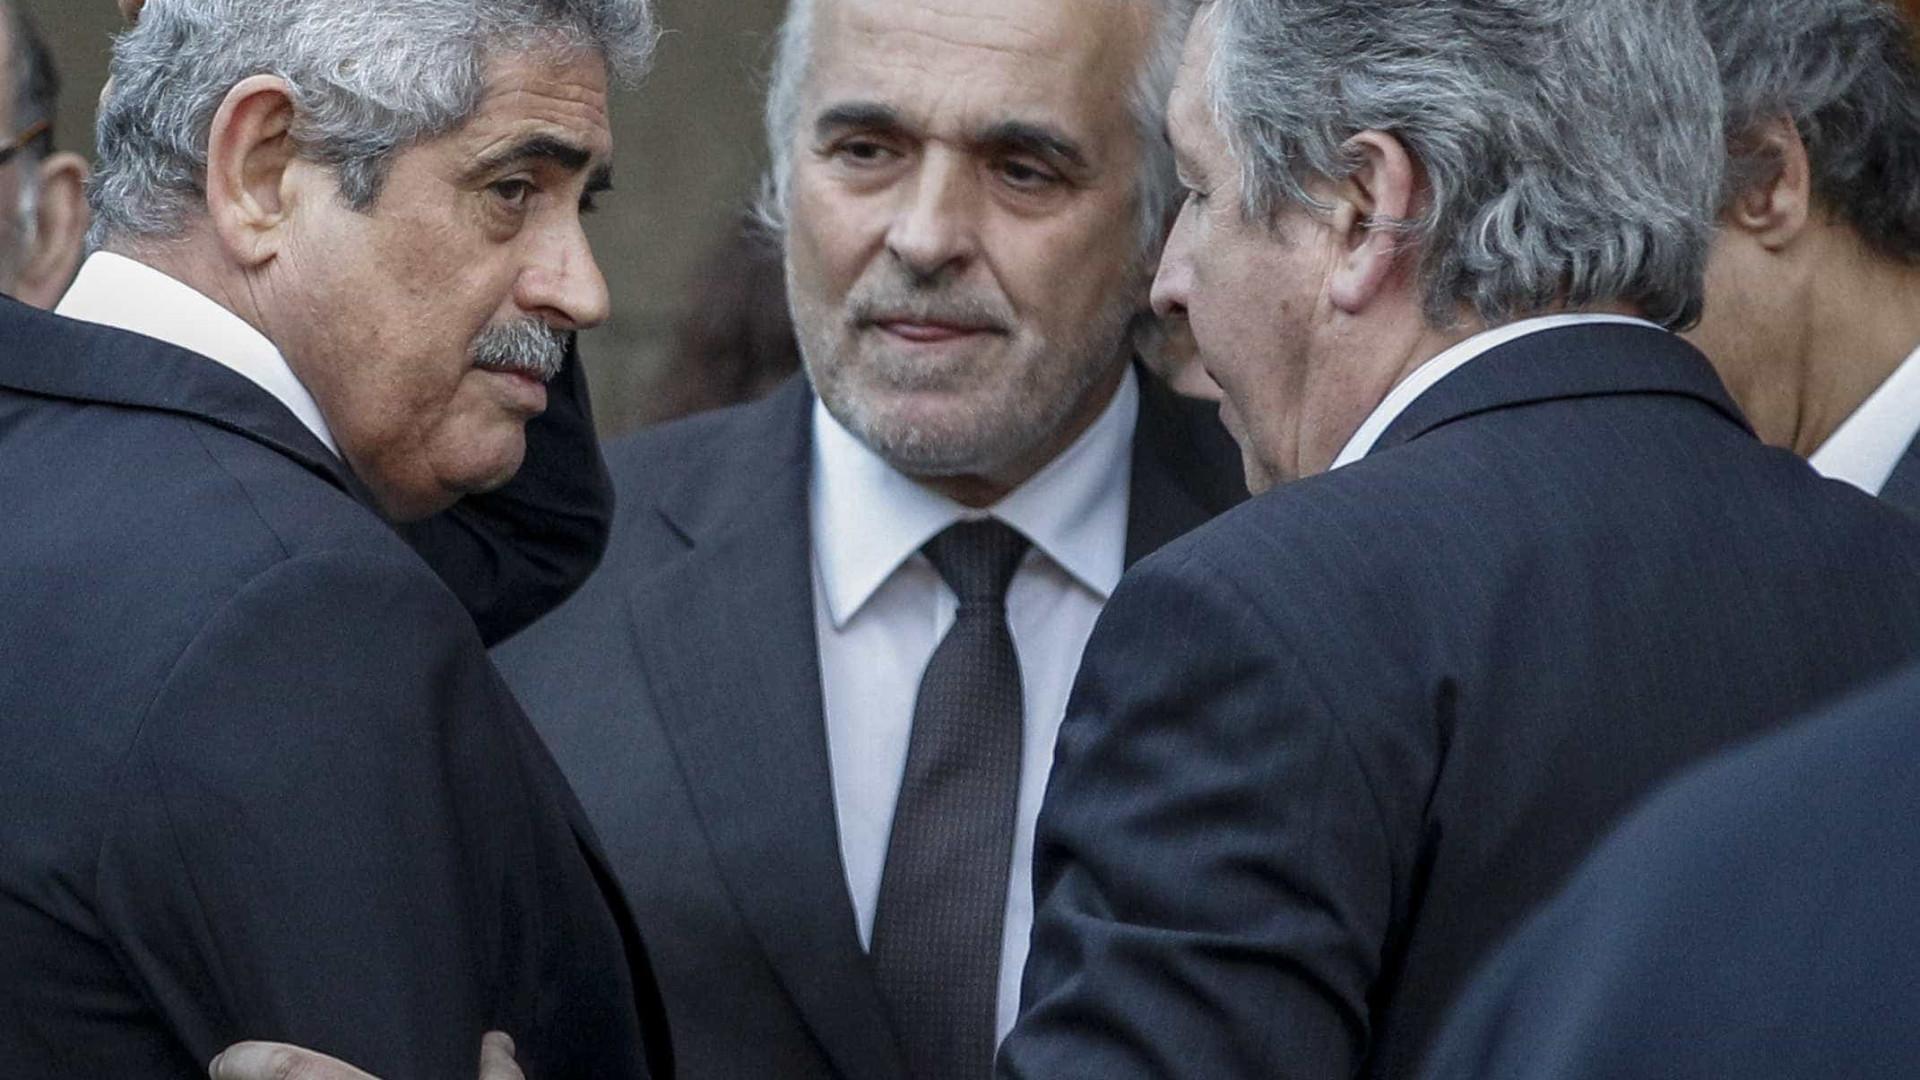 MP suspeita que Rangel intercedeu em processo fiscal a favor de Vieira